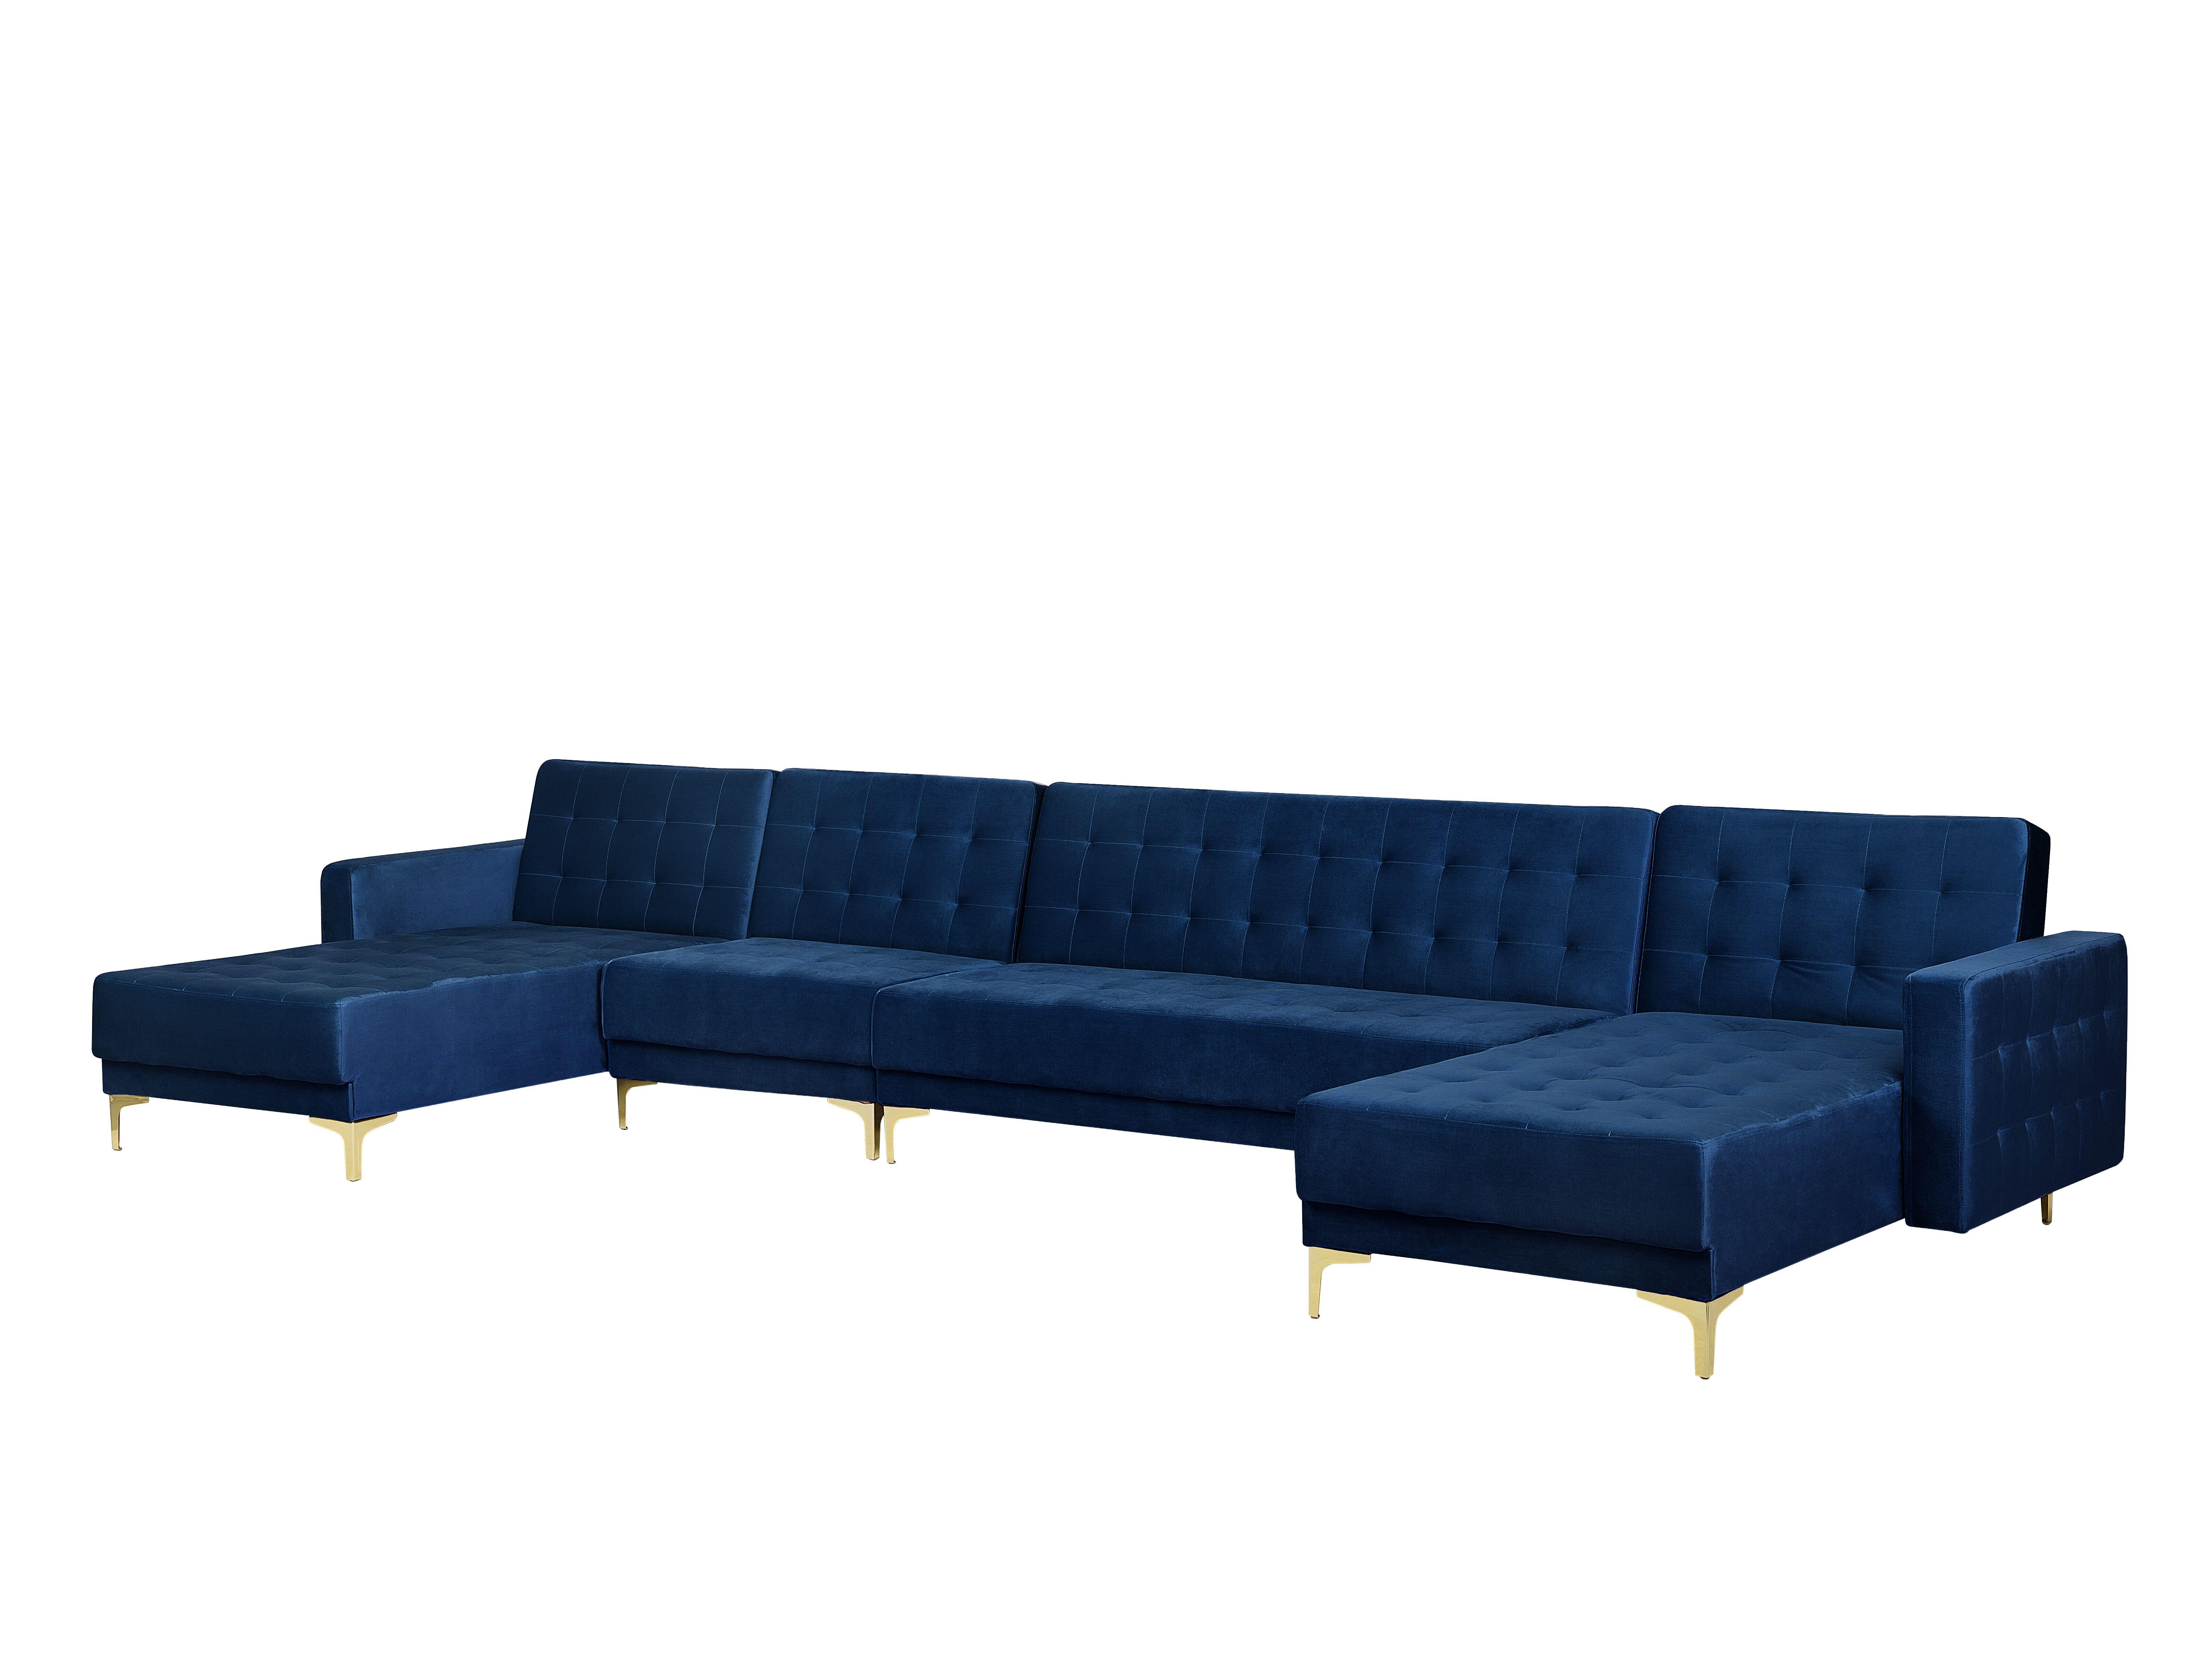 Divano Velluto Blu Ikea divano xxl in velluto blu navy aberdeen in 2020 | home decor